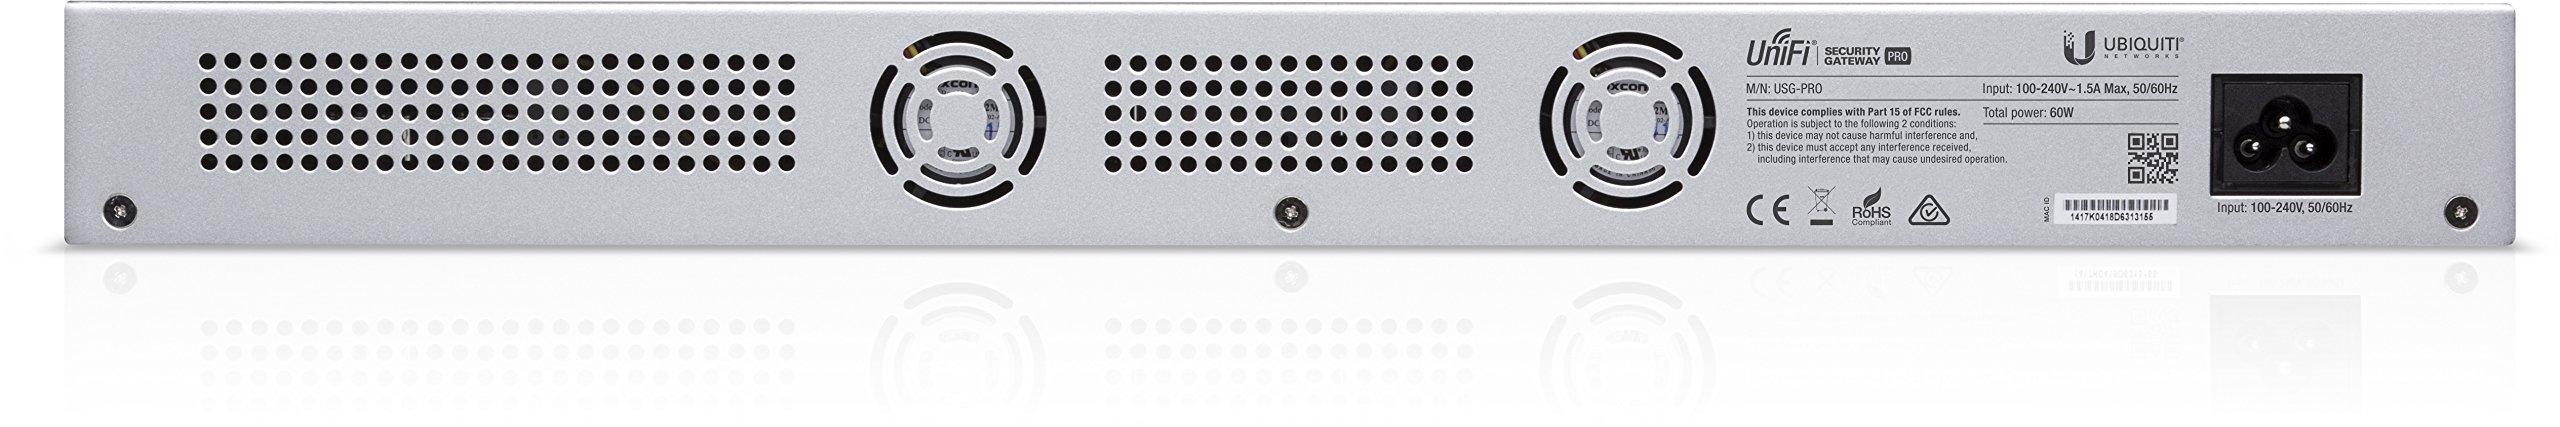 Unifi Security Gateway Pro 4-Port 3 Rack mount design Convenient VLAN support Form Factor: Rack-mountable